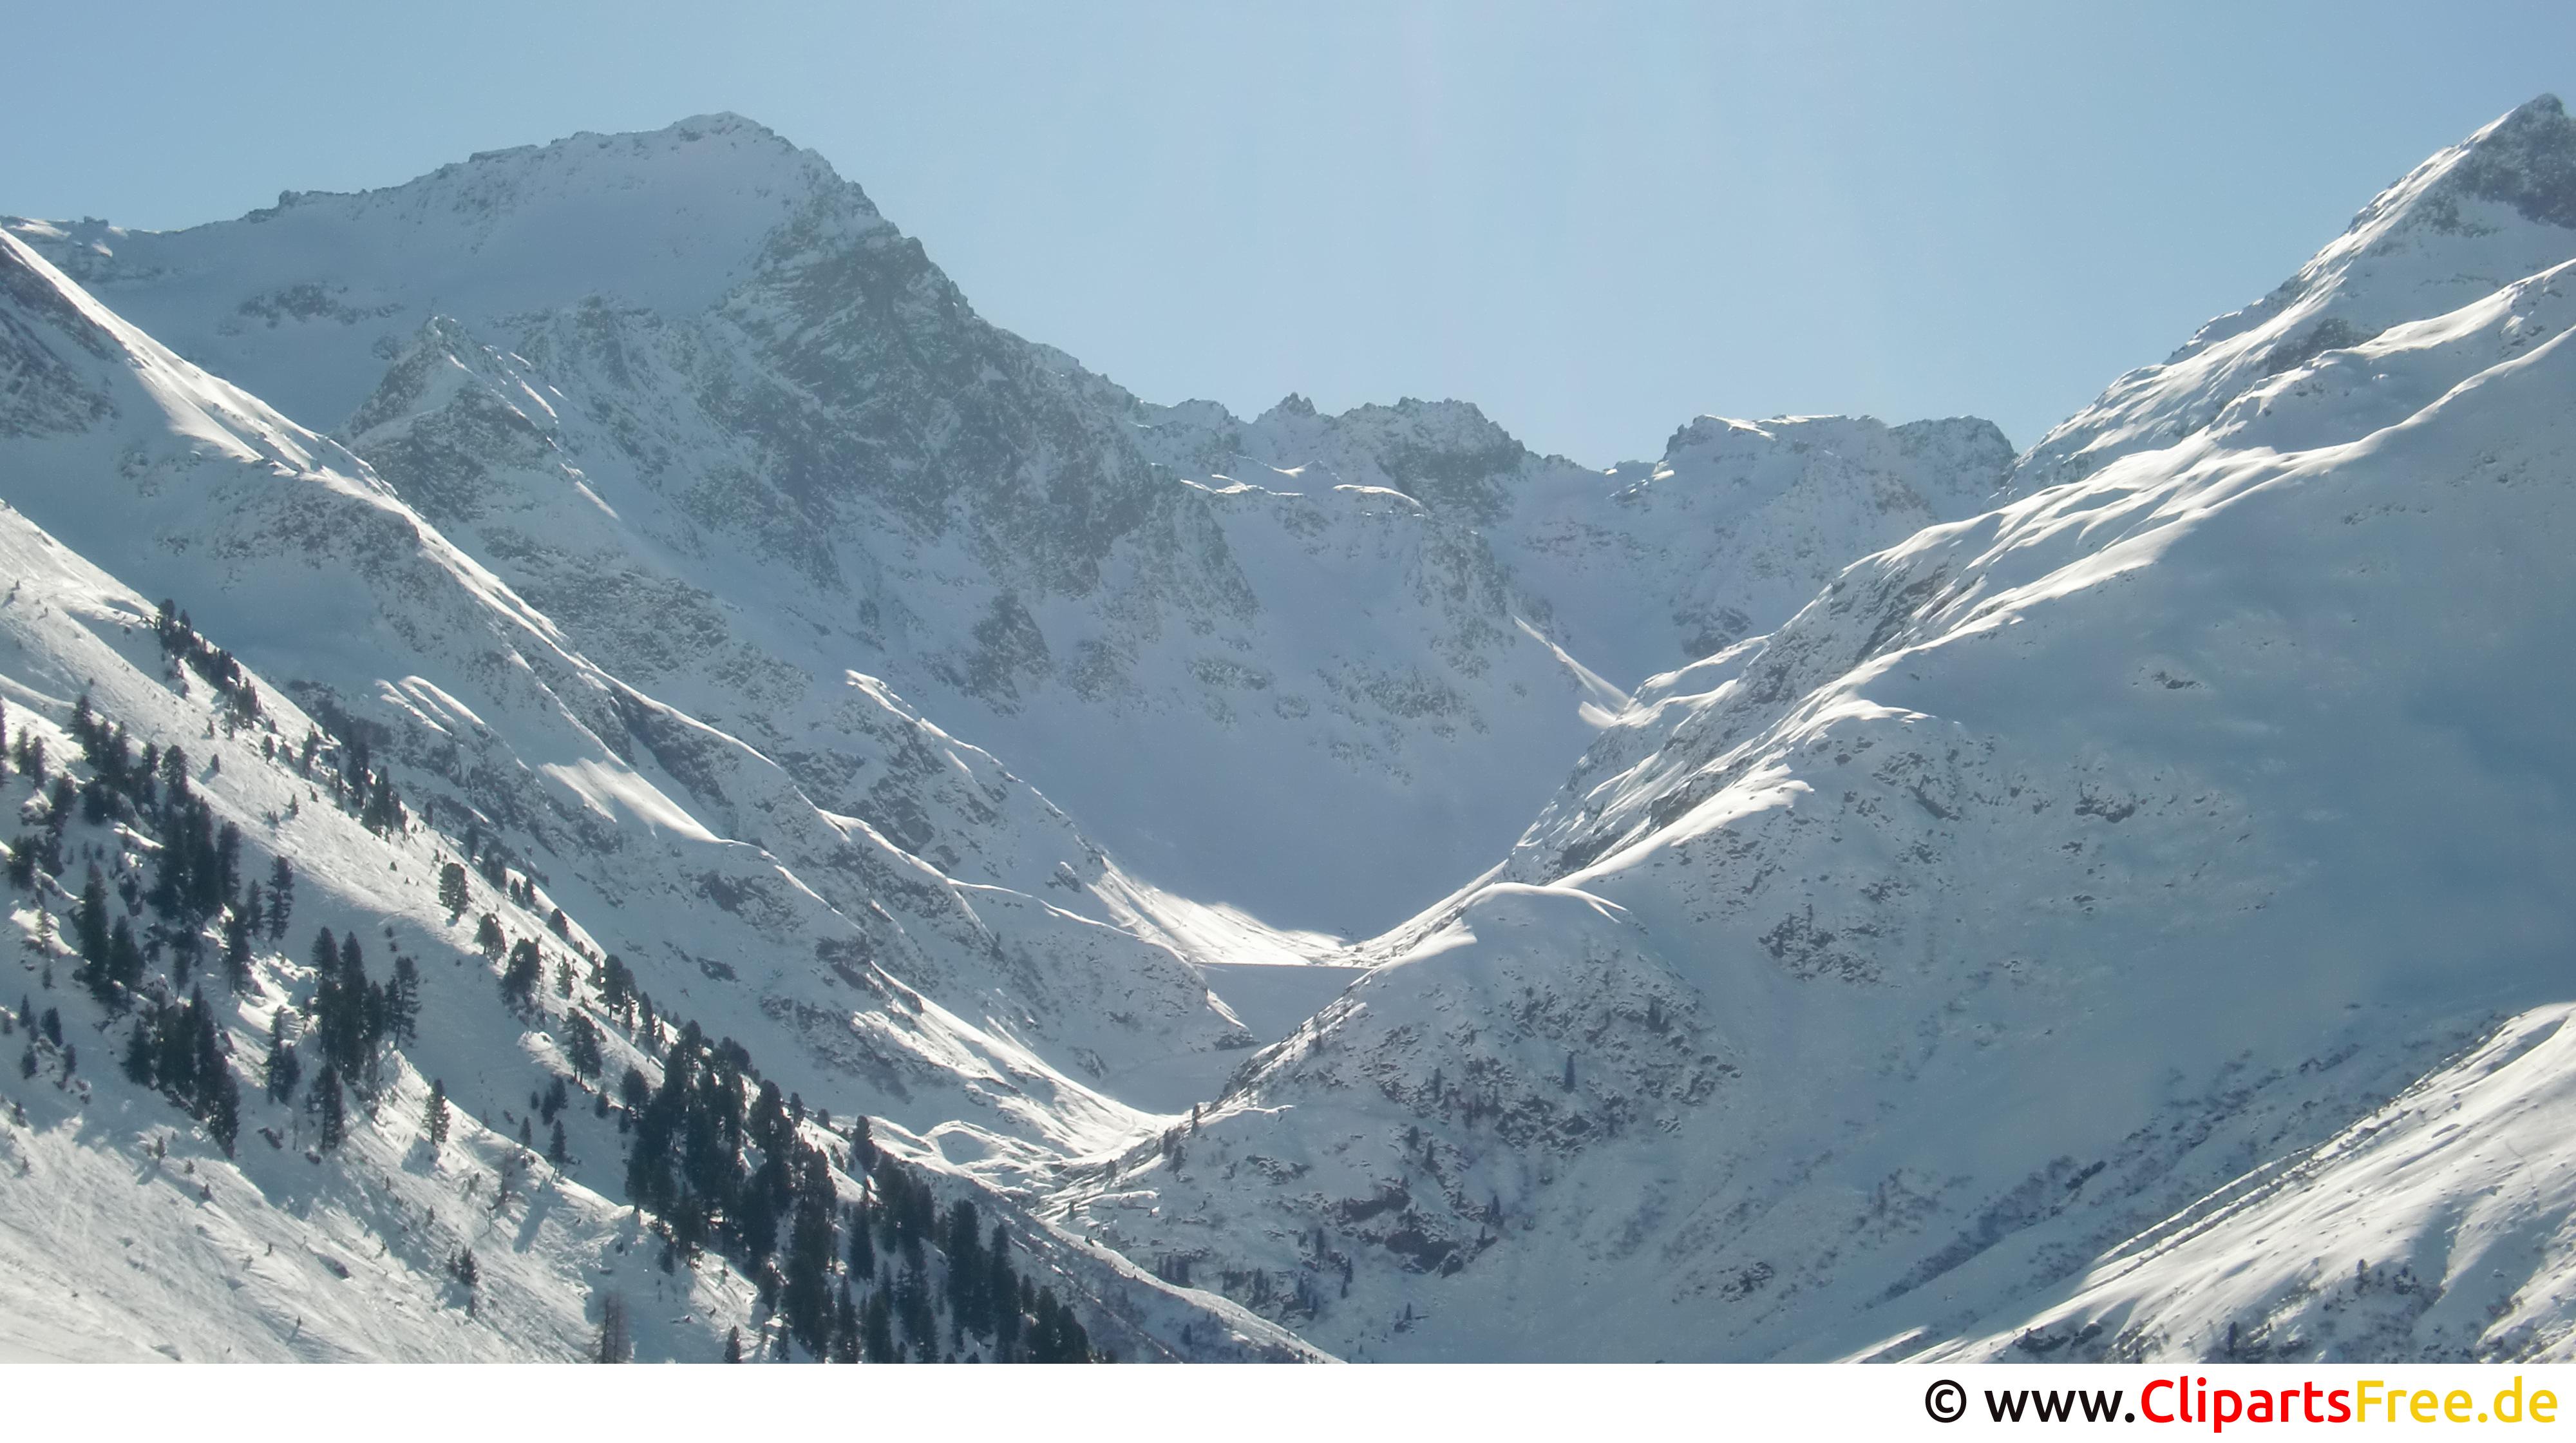 Winteralpen Bild, Foto, Grafik kostenlos